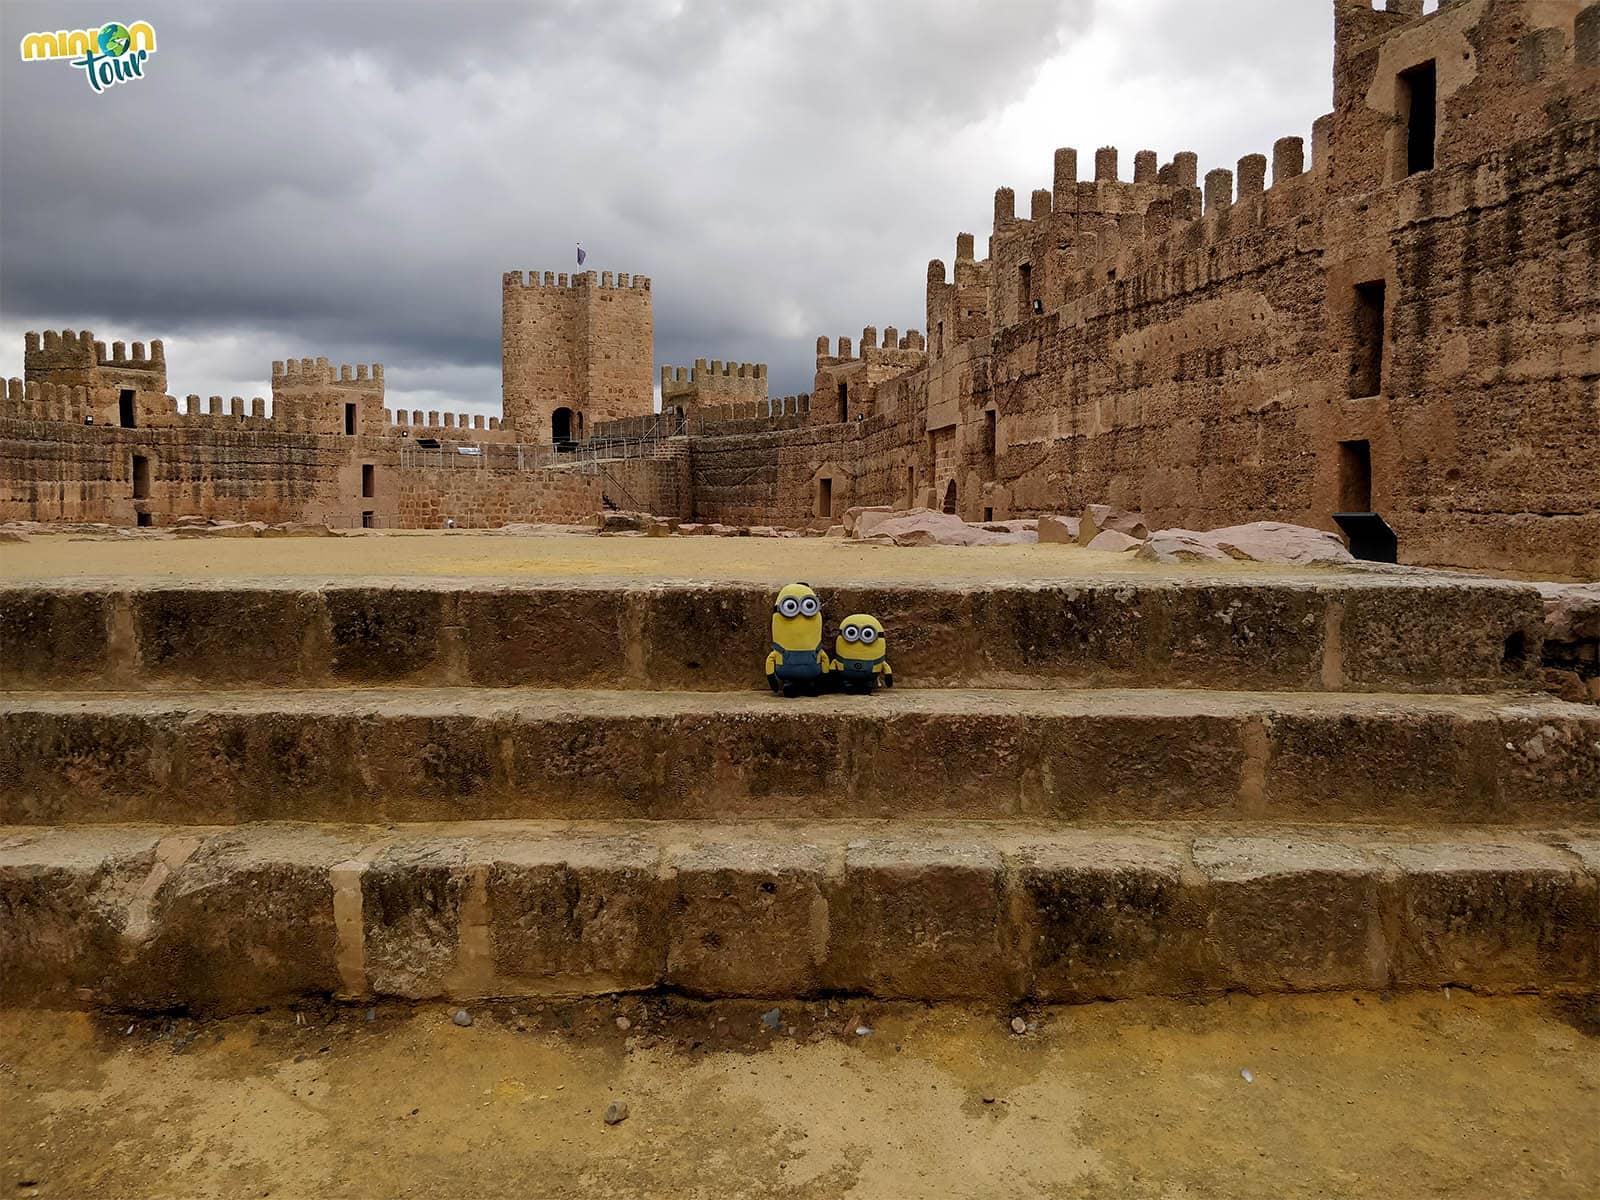 Descubrimos el castillo más antiguo de España, el Castillo de Baños de la Encina